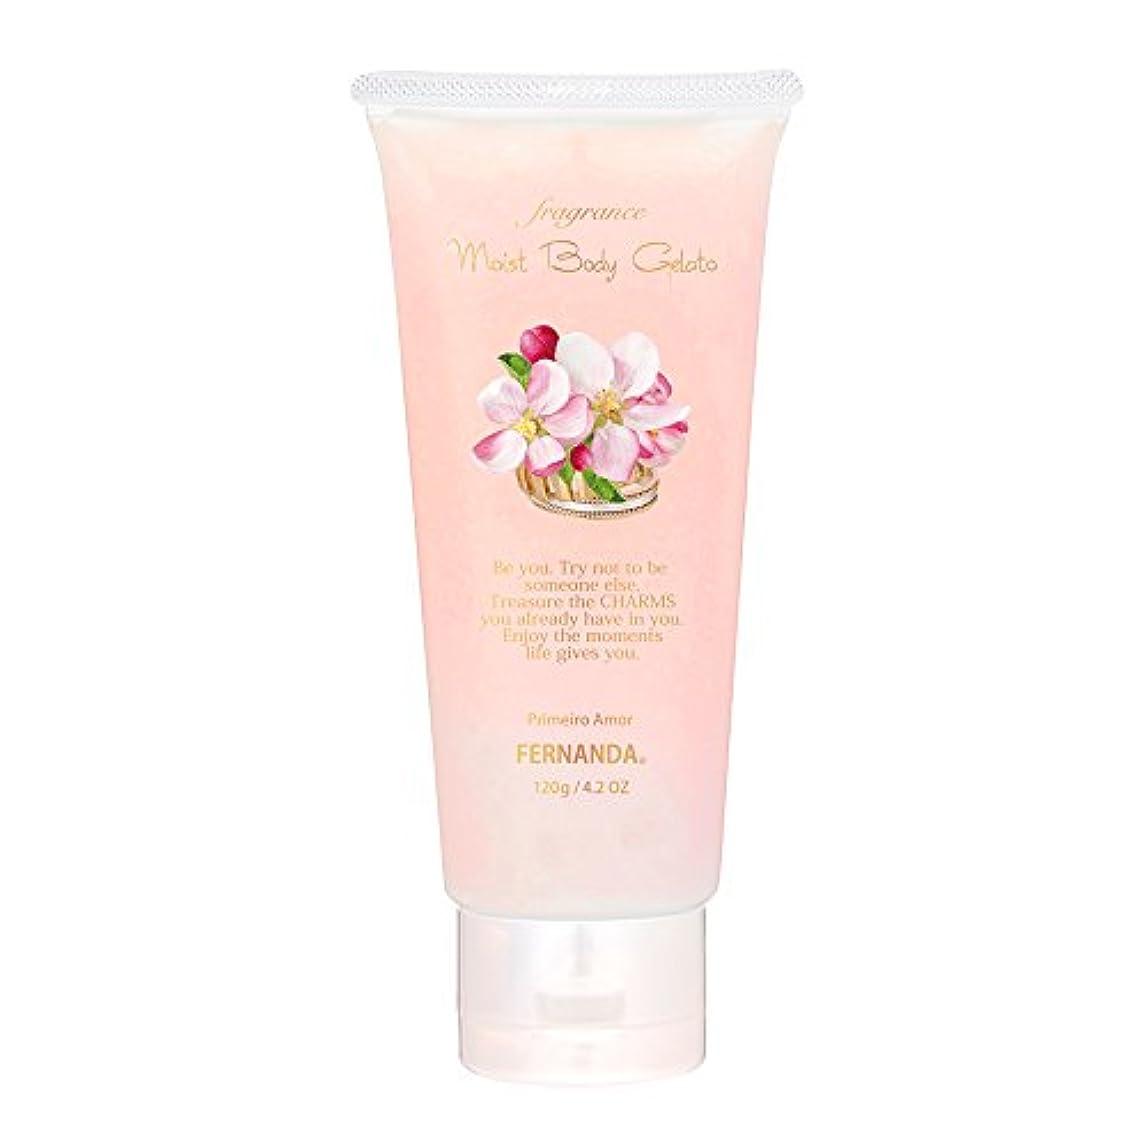 不器用急降下からFERNANDA(フェルナンダ) Fragrance Moist Body Gelato Primeiro Amor (モイストボディジェラート プリメイロアモール)